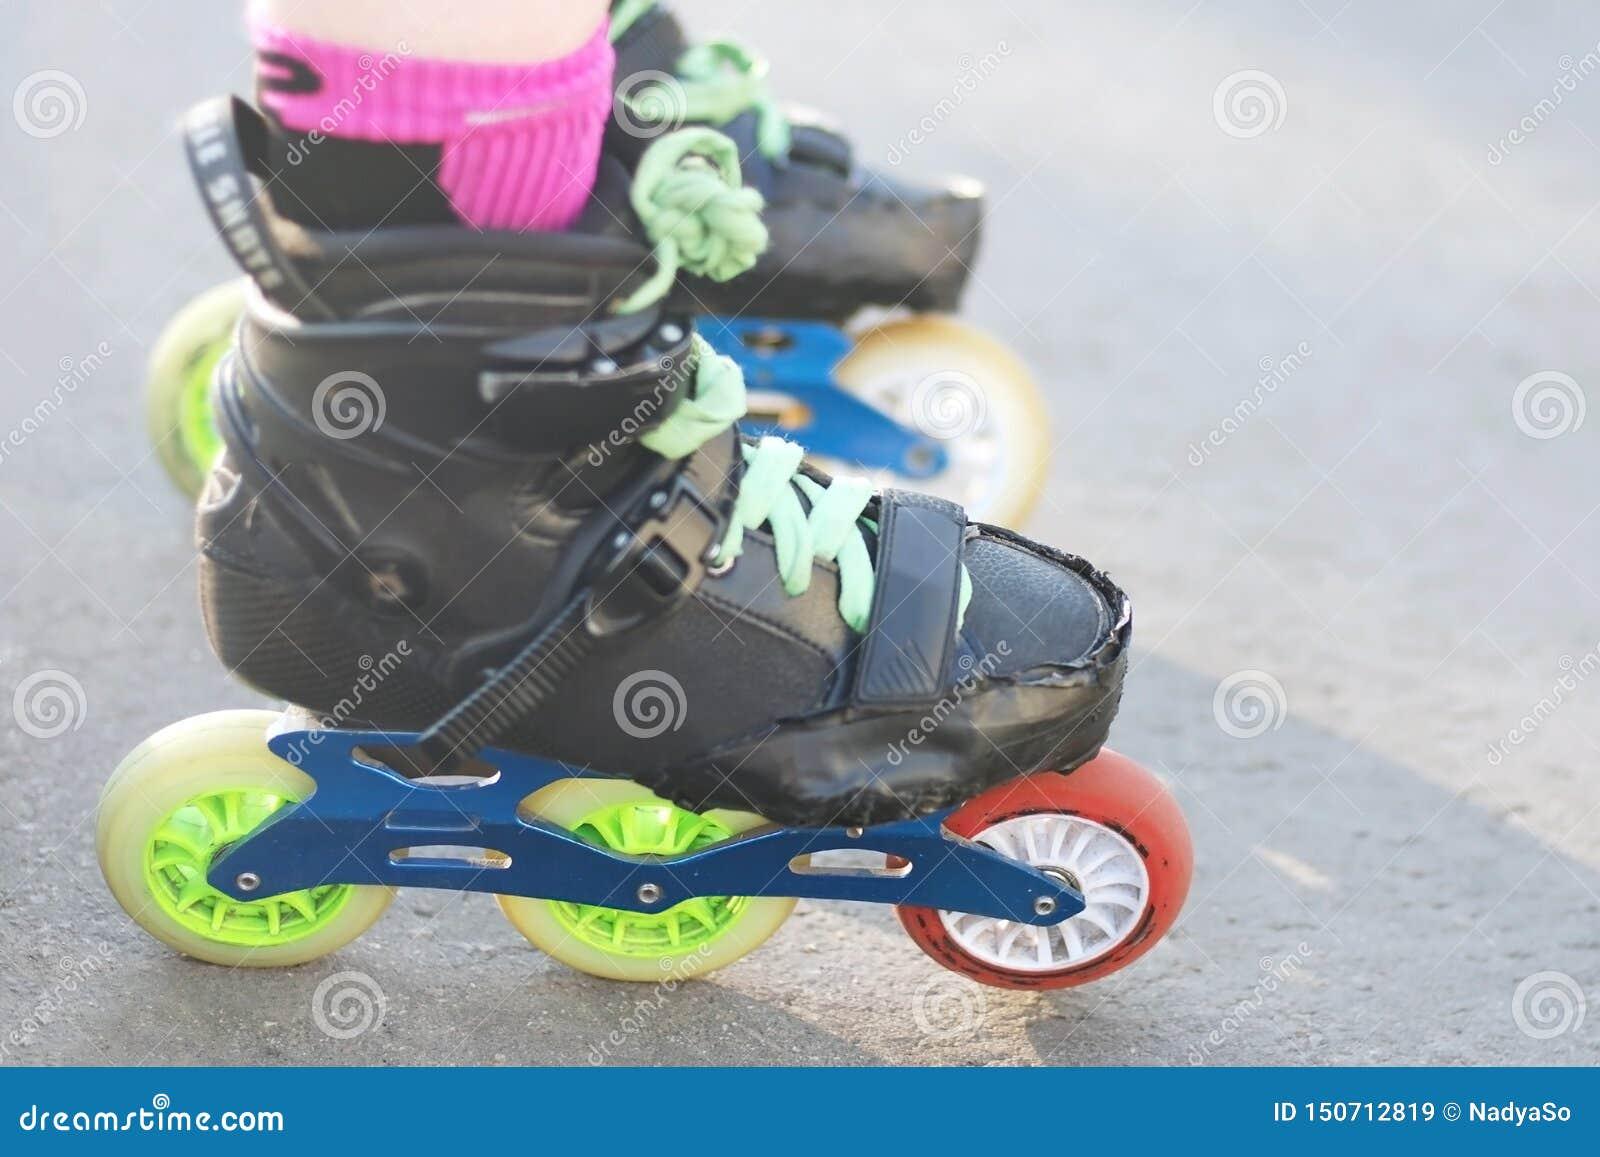 De benen die van de rol rollen voor het gealigneerde en slalom schaatsen dragen